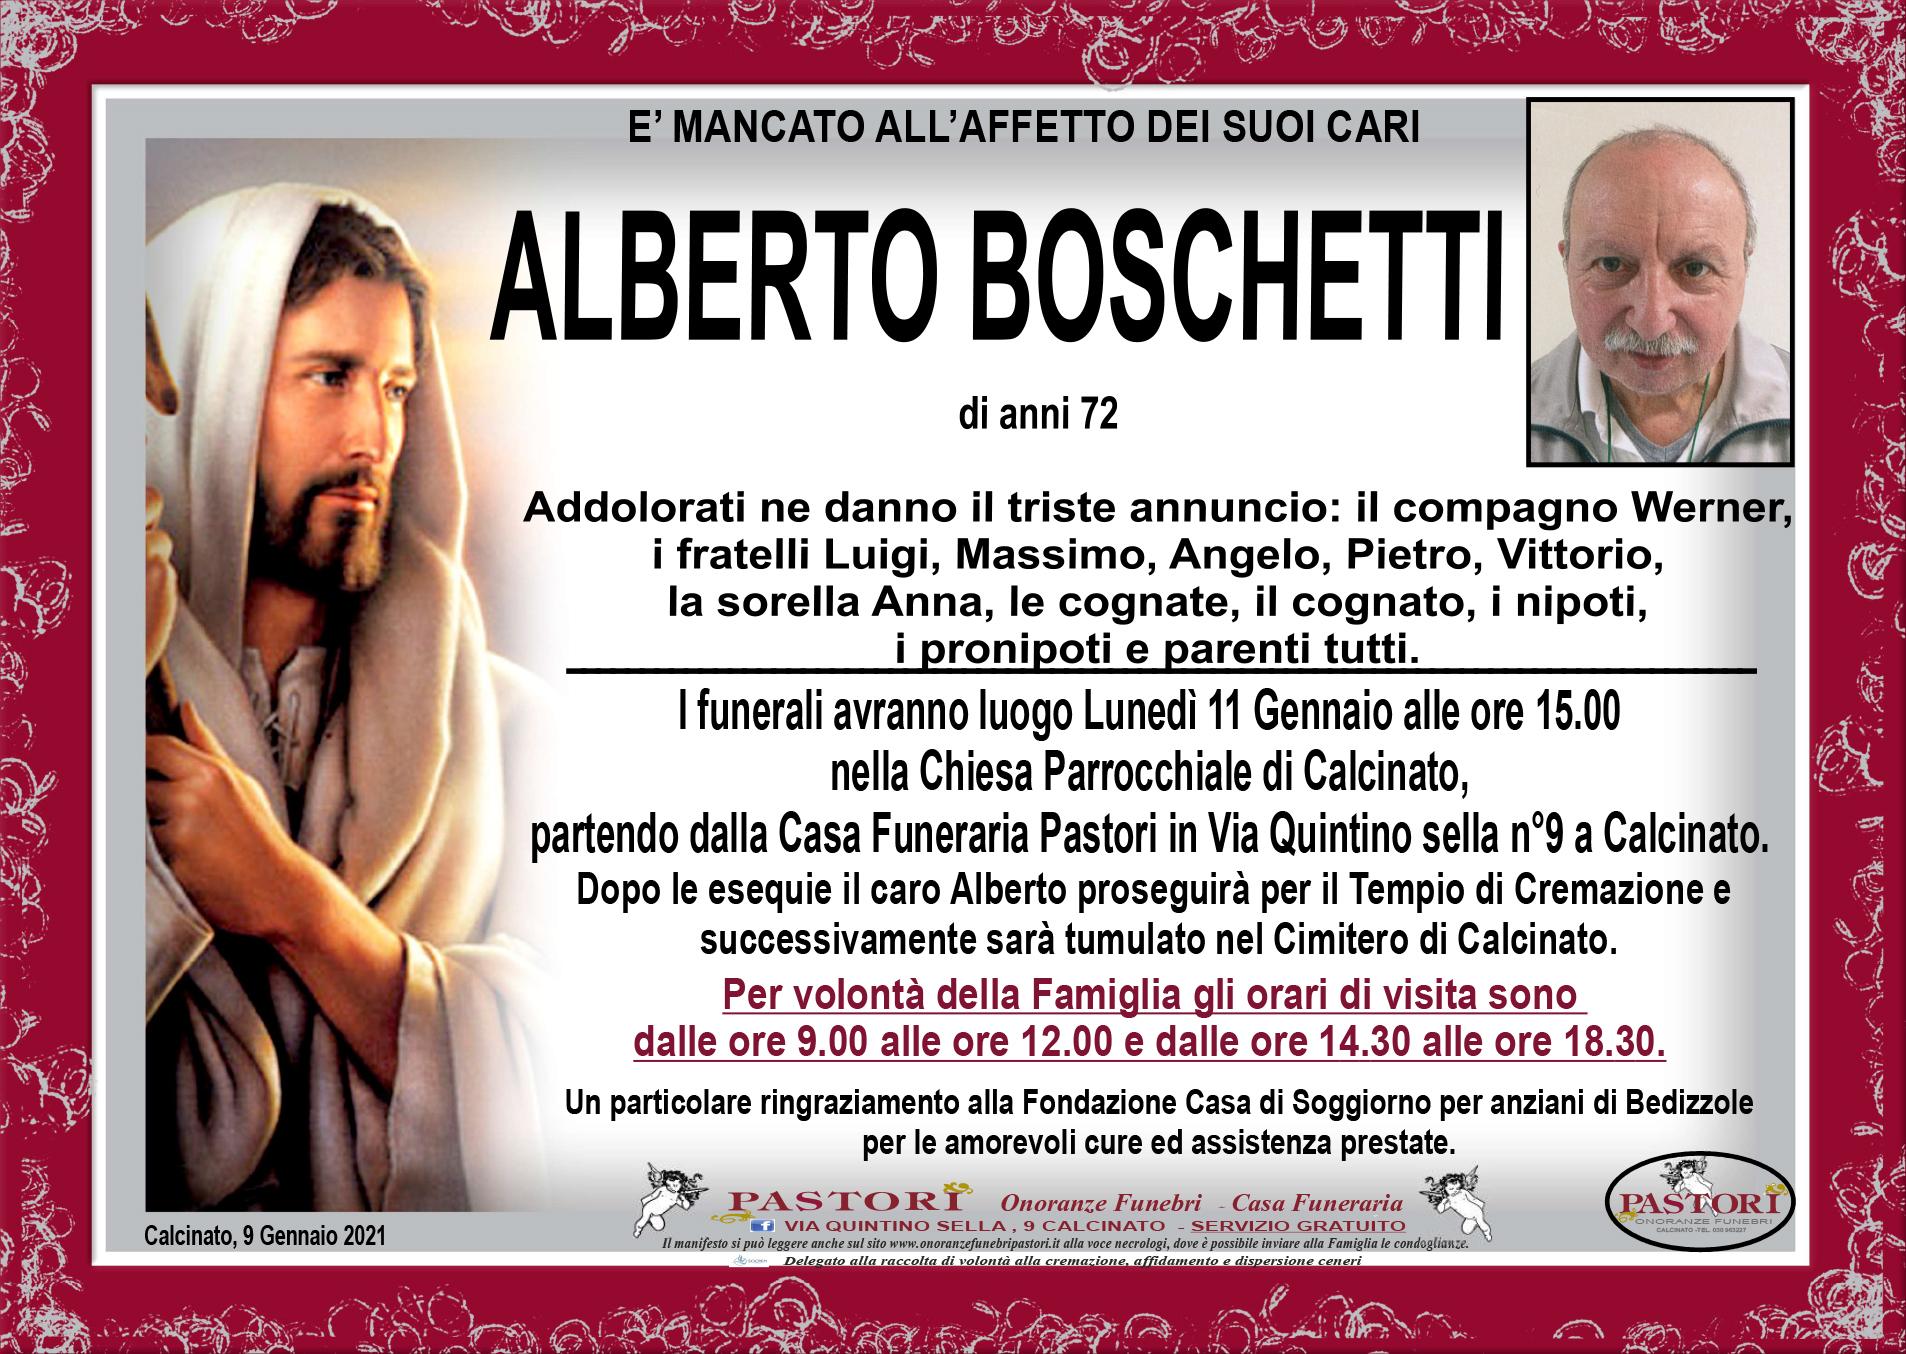 Alberto Boschetti